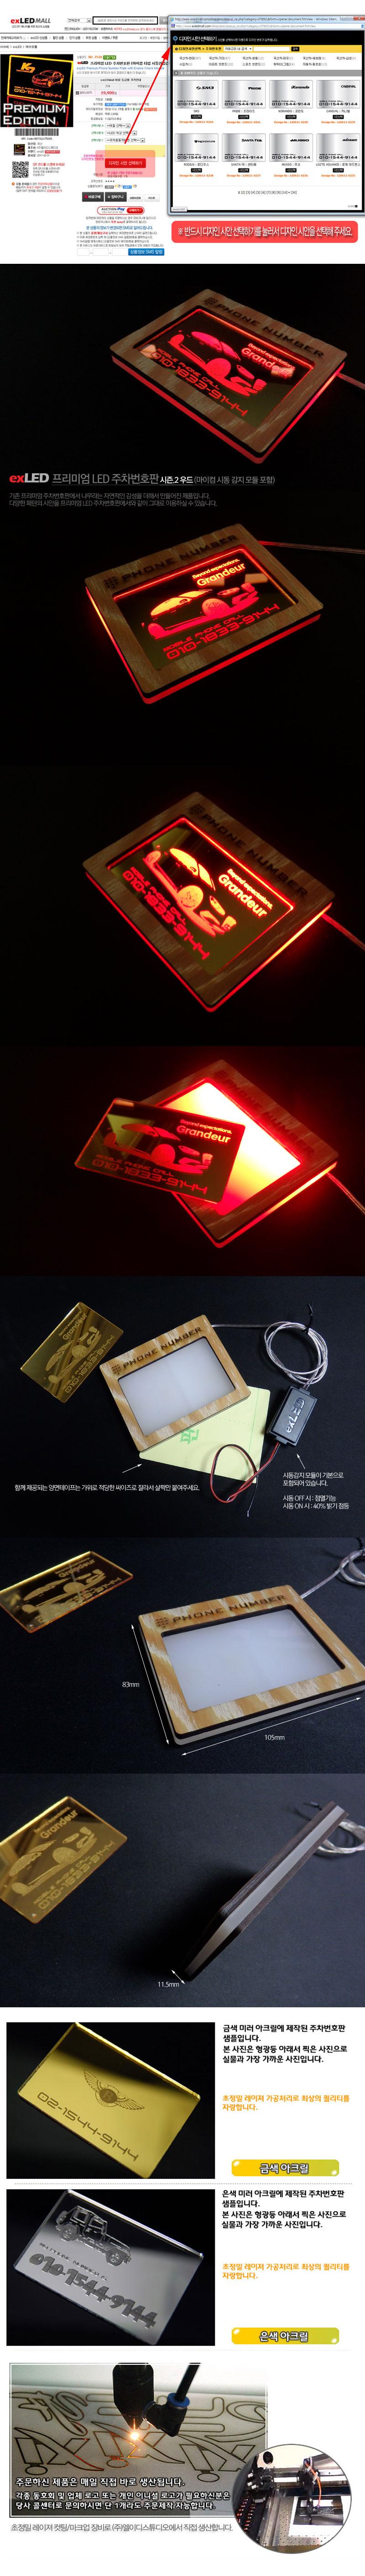 exLED 프리미엄 LED 주차번호판 시즌2. 우드 (마이컴 타입 시동전압감지 모듈 포함)